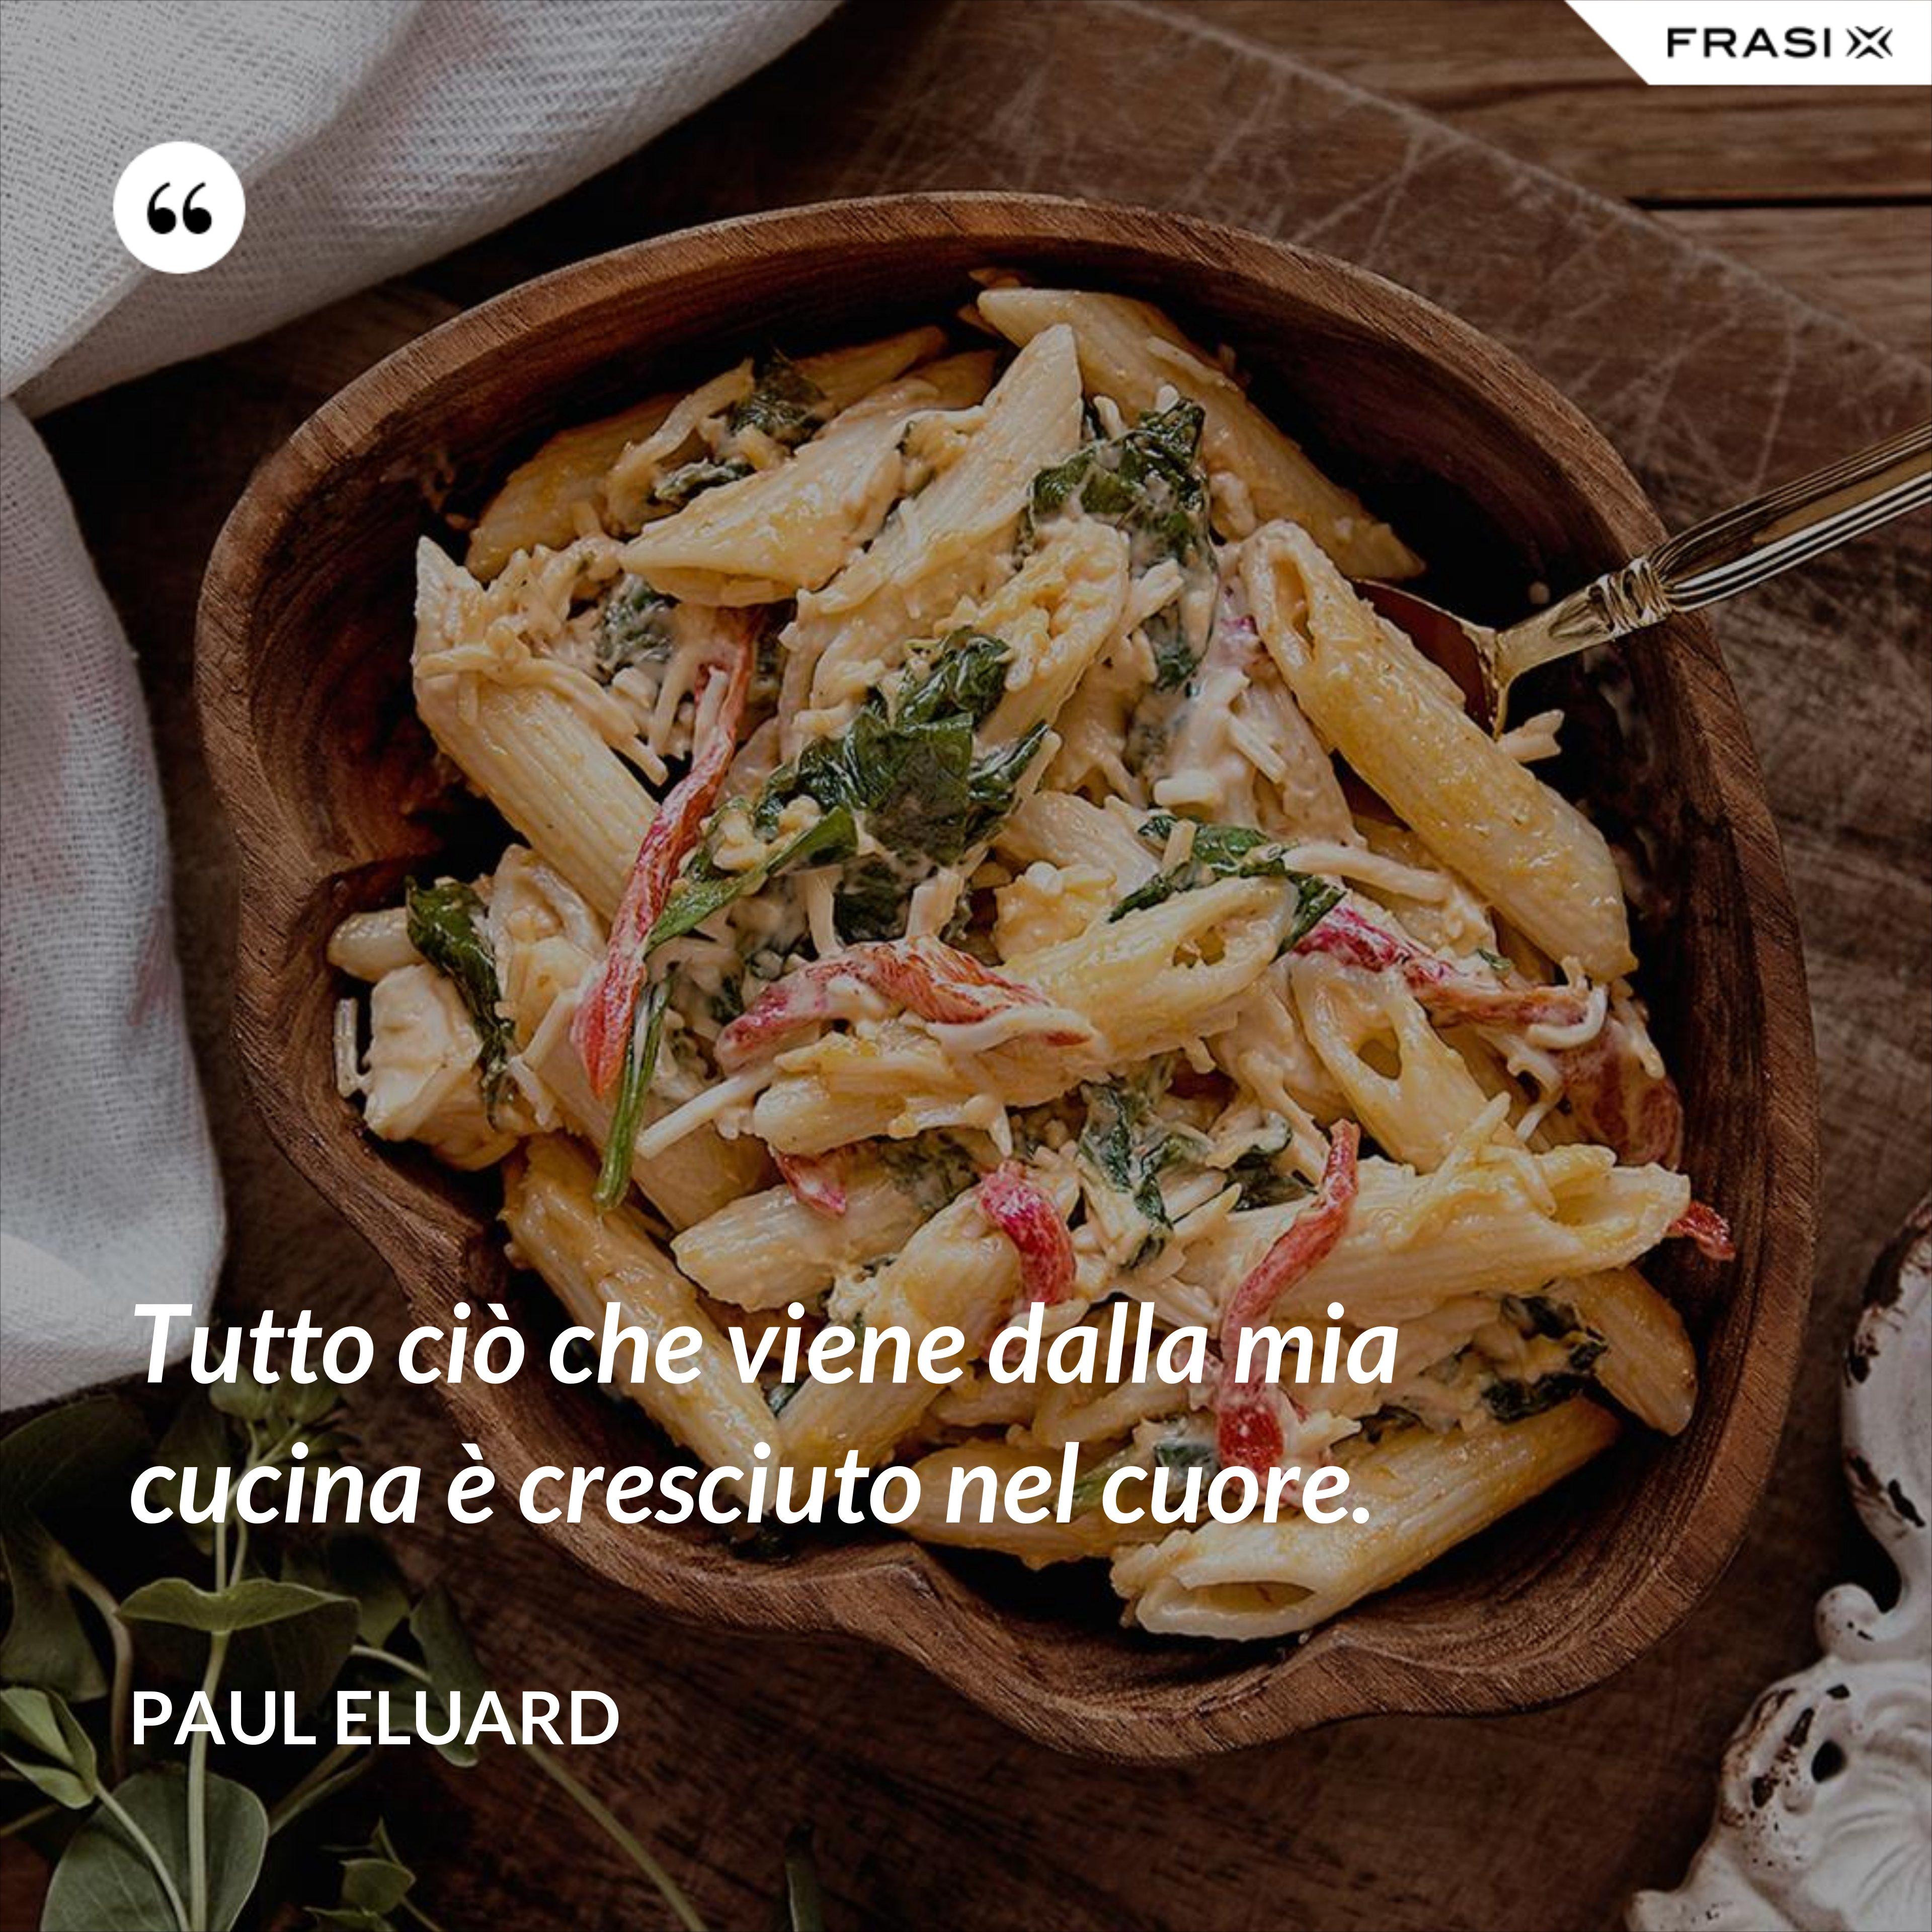 Tutto ciò che viene dalla mia cucina è cresciuto nel cuore. - Paul Eluard